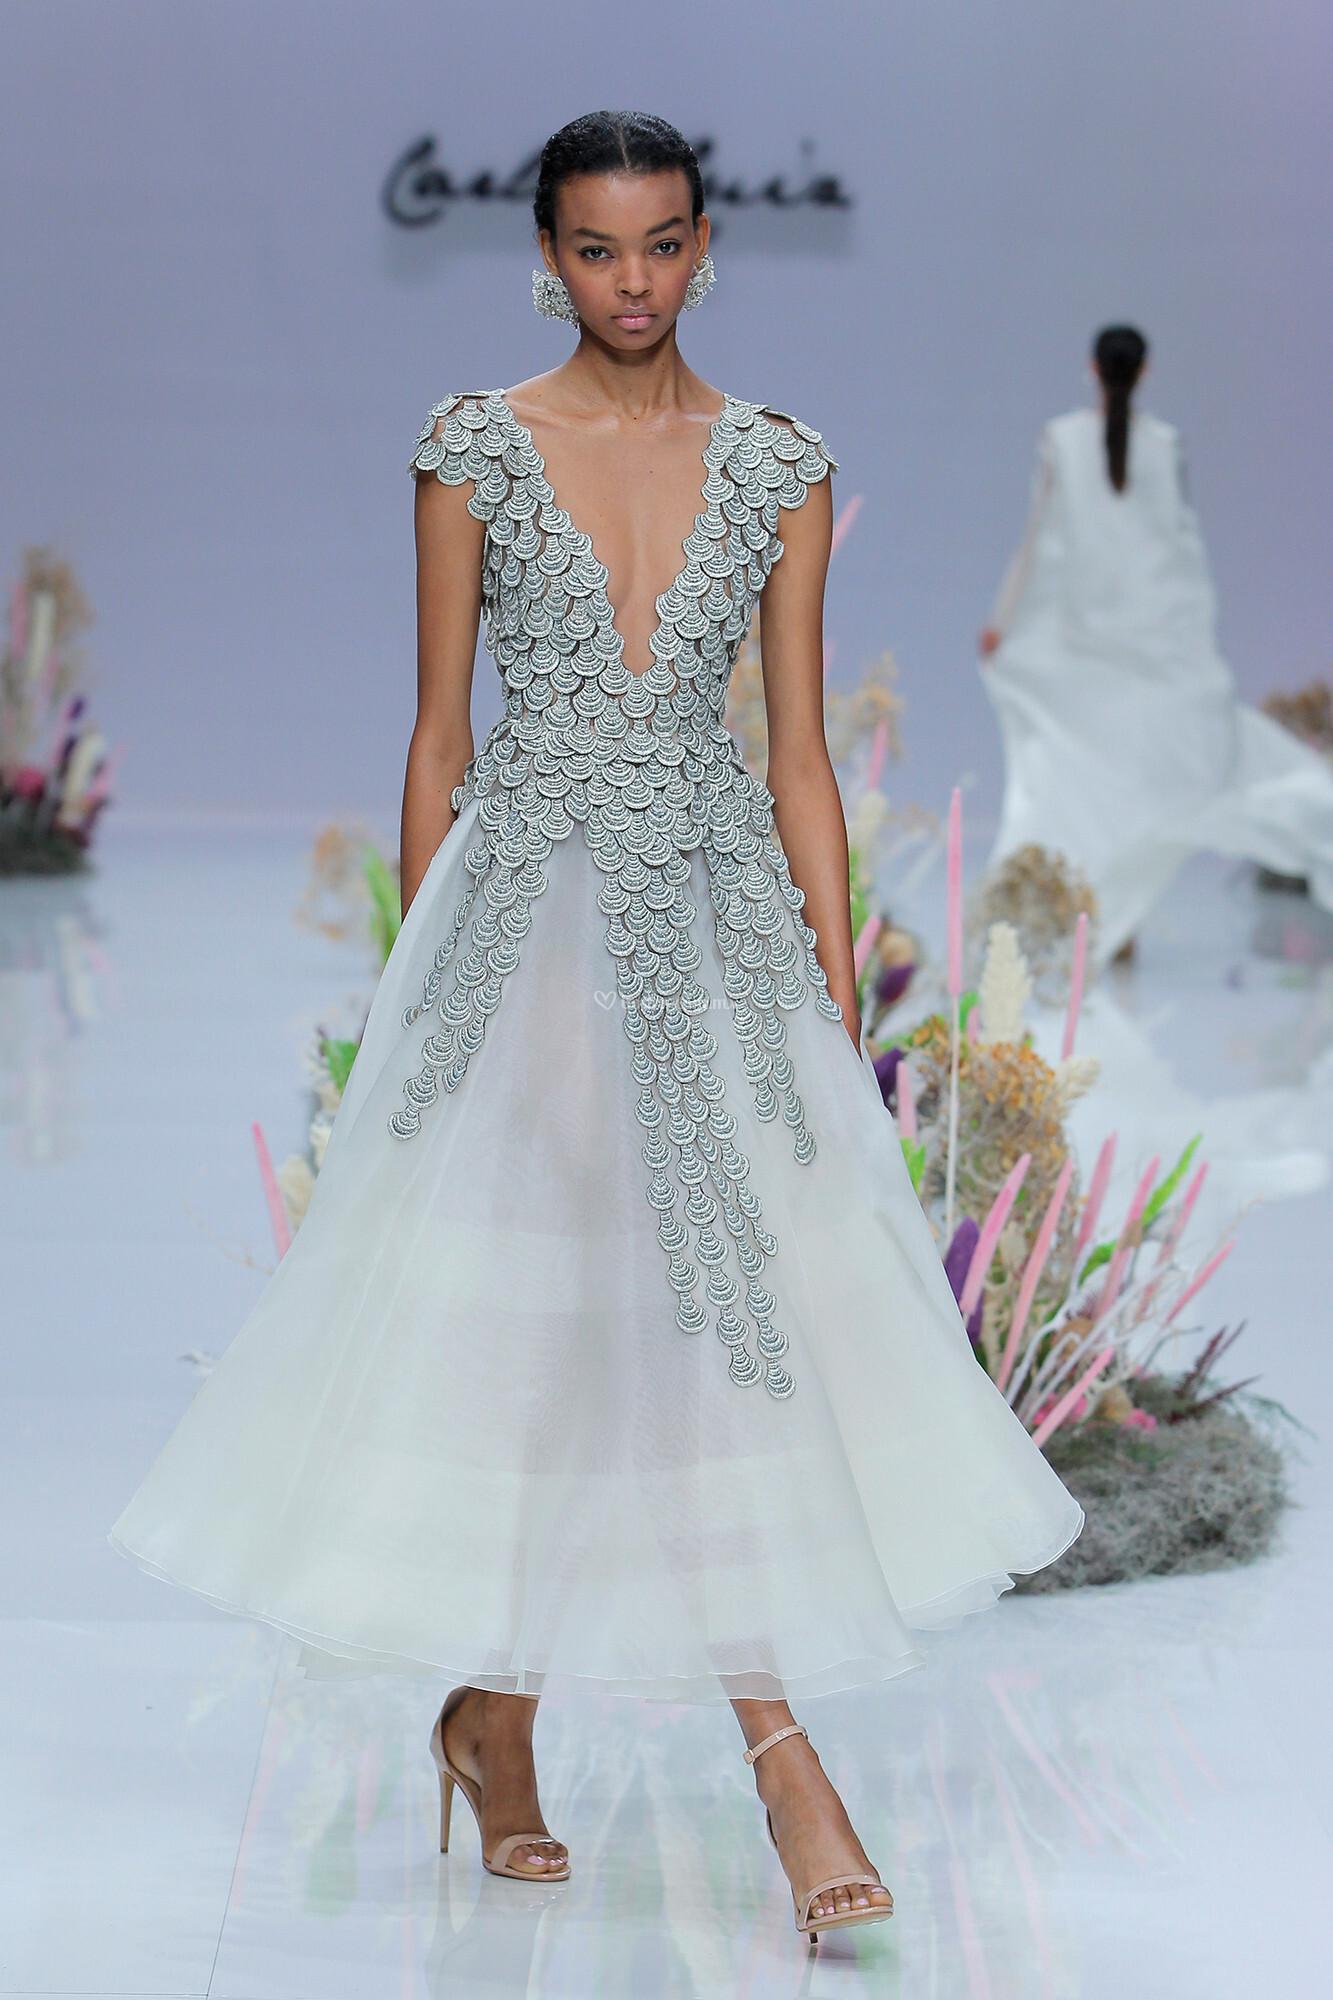 Vestidos de Novia de Carla Ruiz - Bodas.com.mx